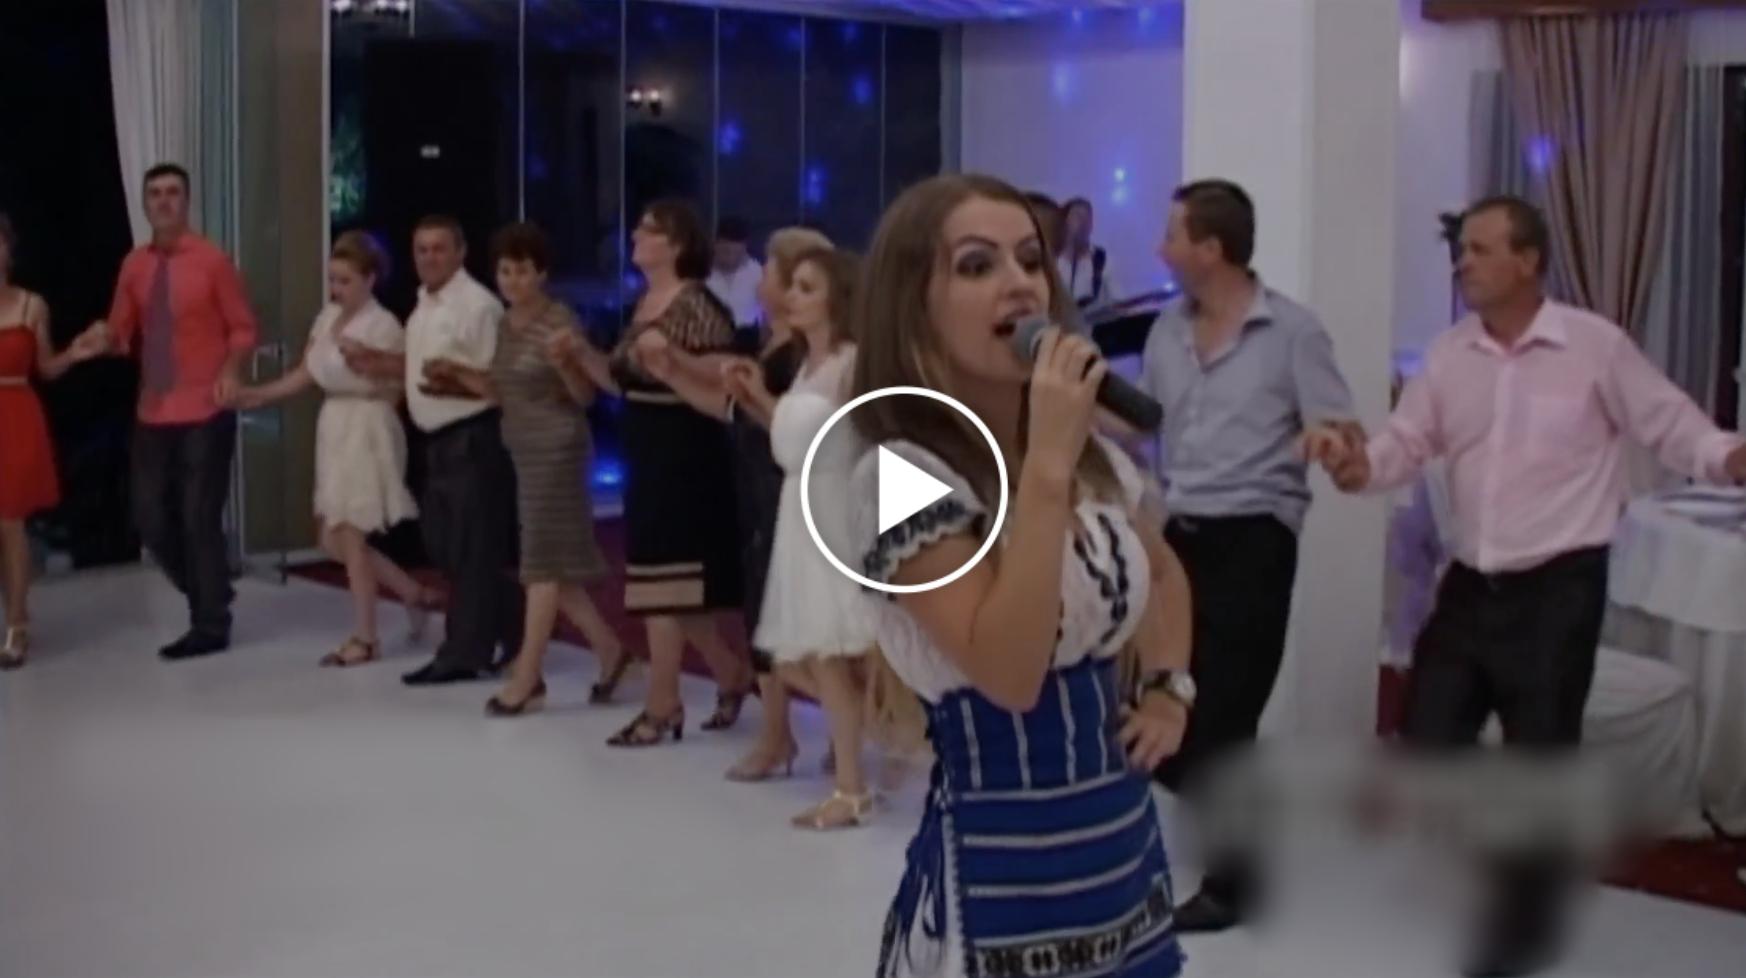 Aceasta Fata a Cucerit Publicul cu Cantecul ..Bate tare cu piciorul - vezi VIDEO